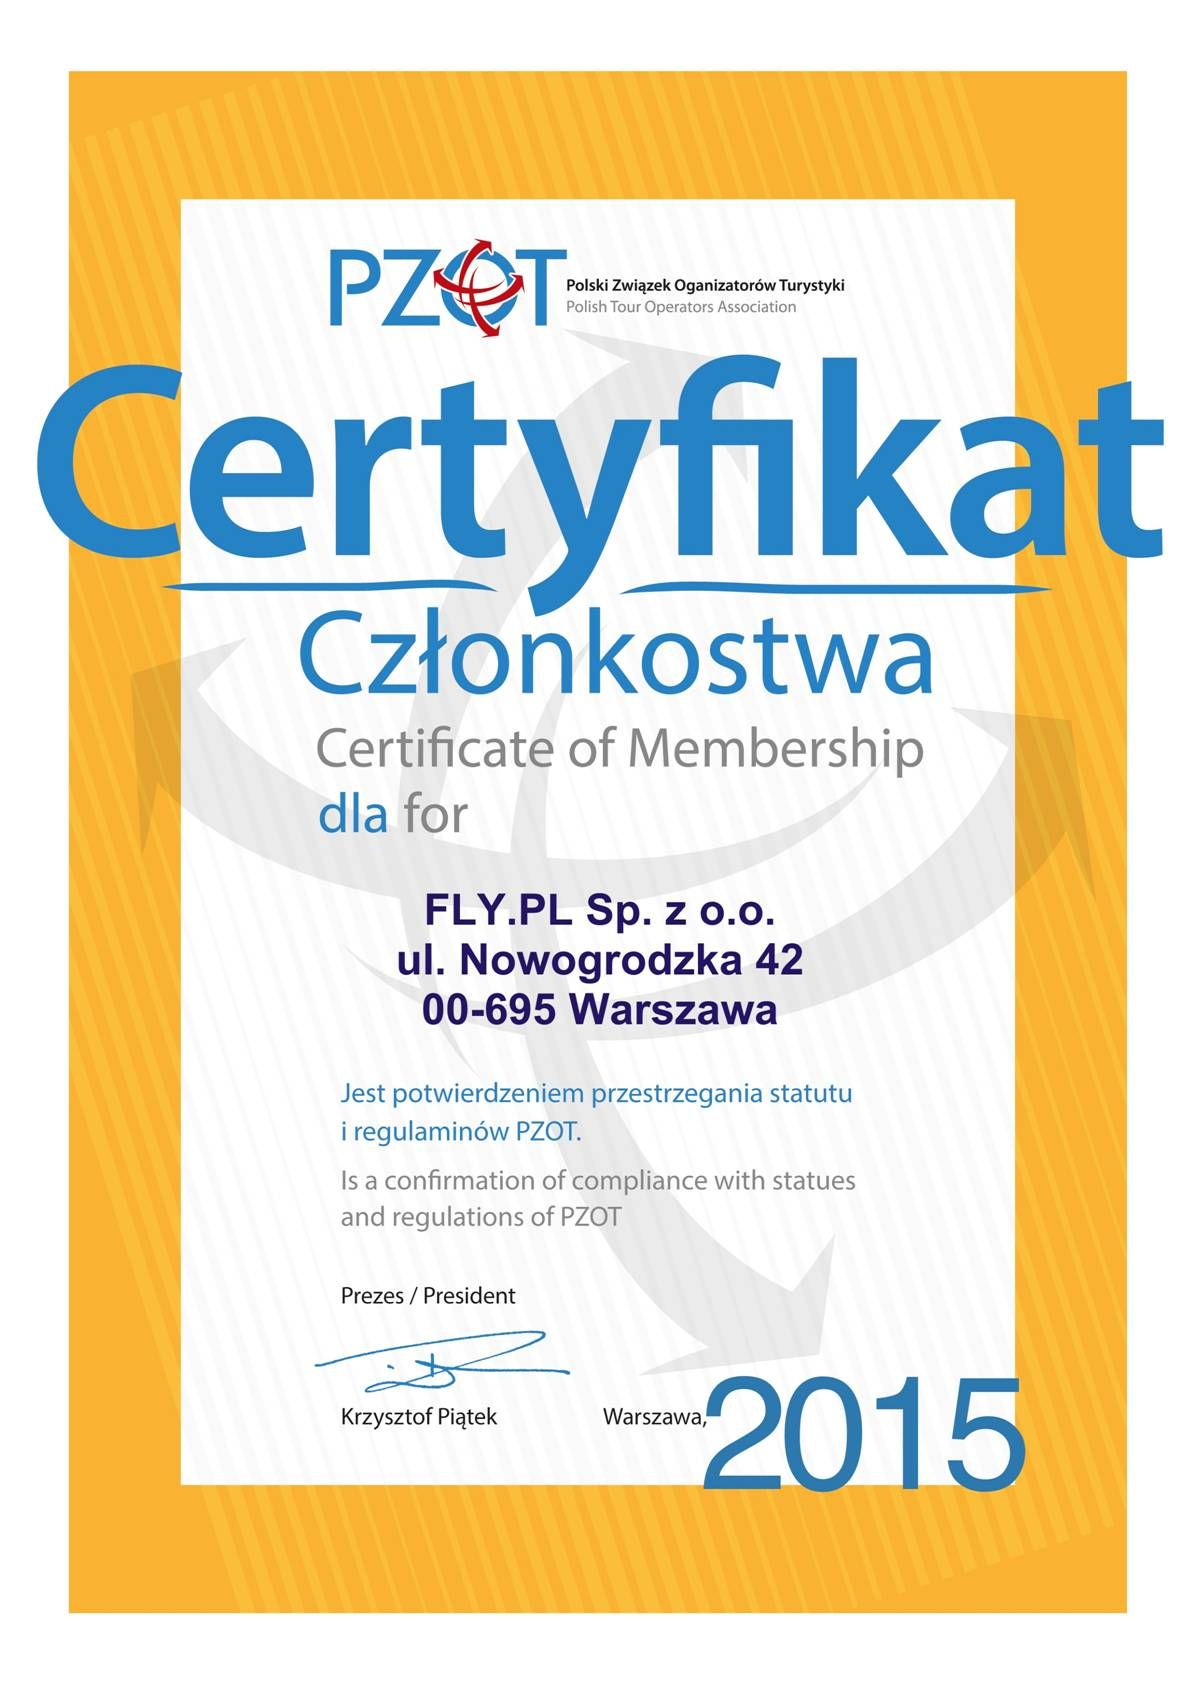 Certyfikat Członkostwa Polskiego Związku Organizatorów Turystyki